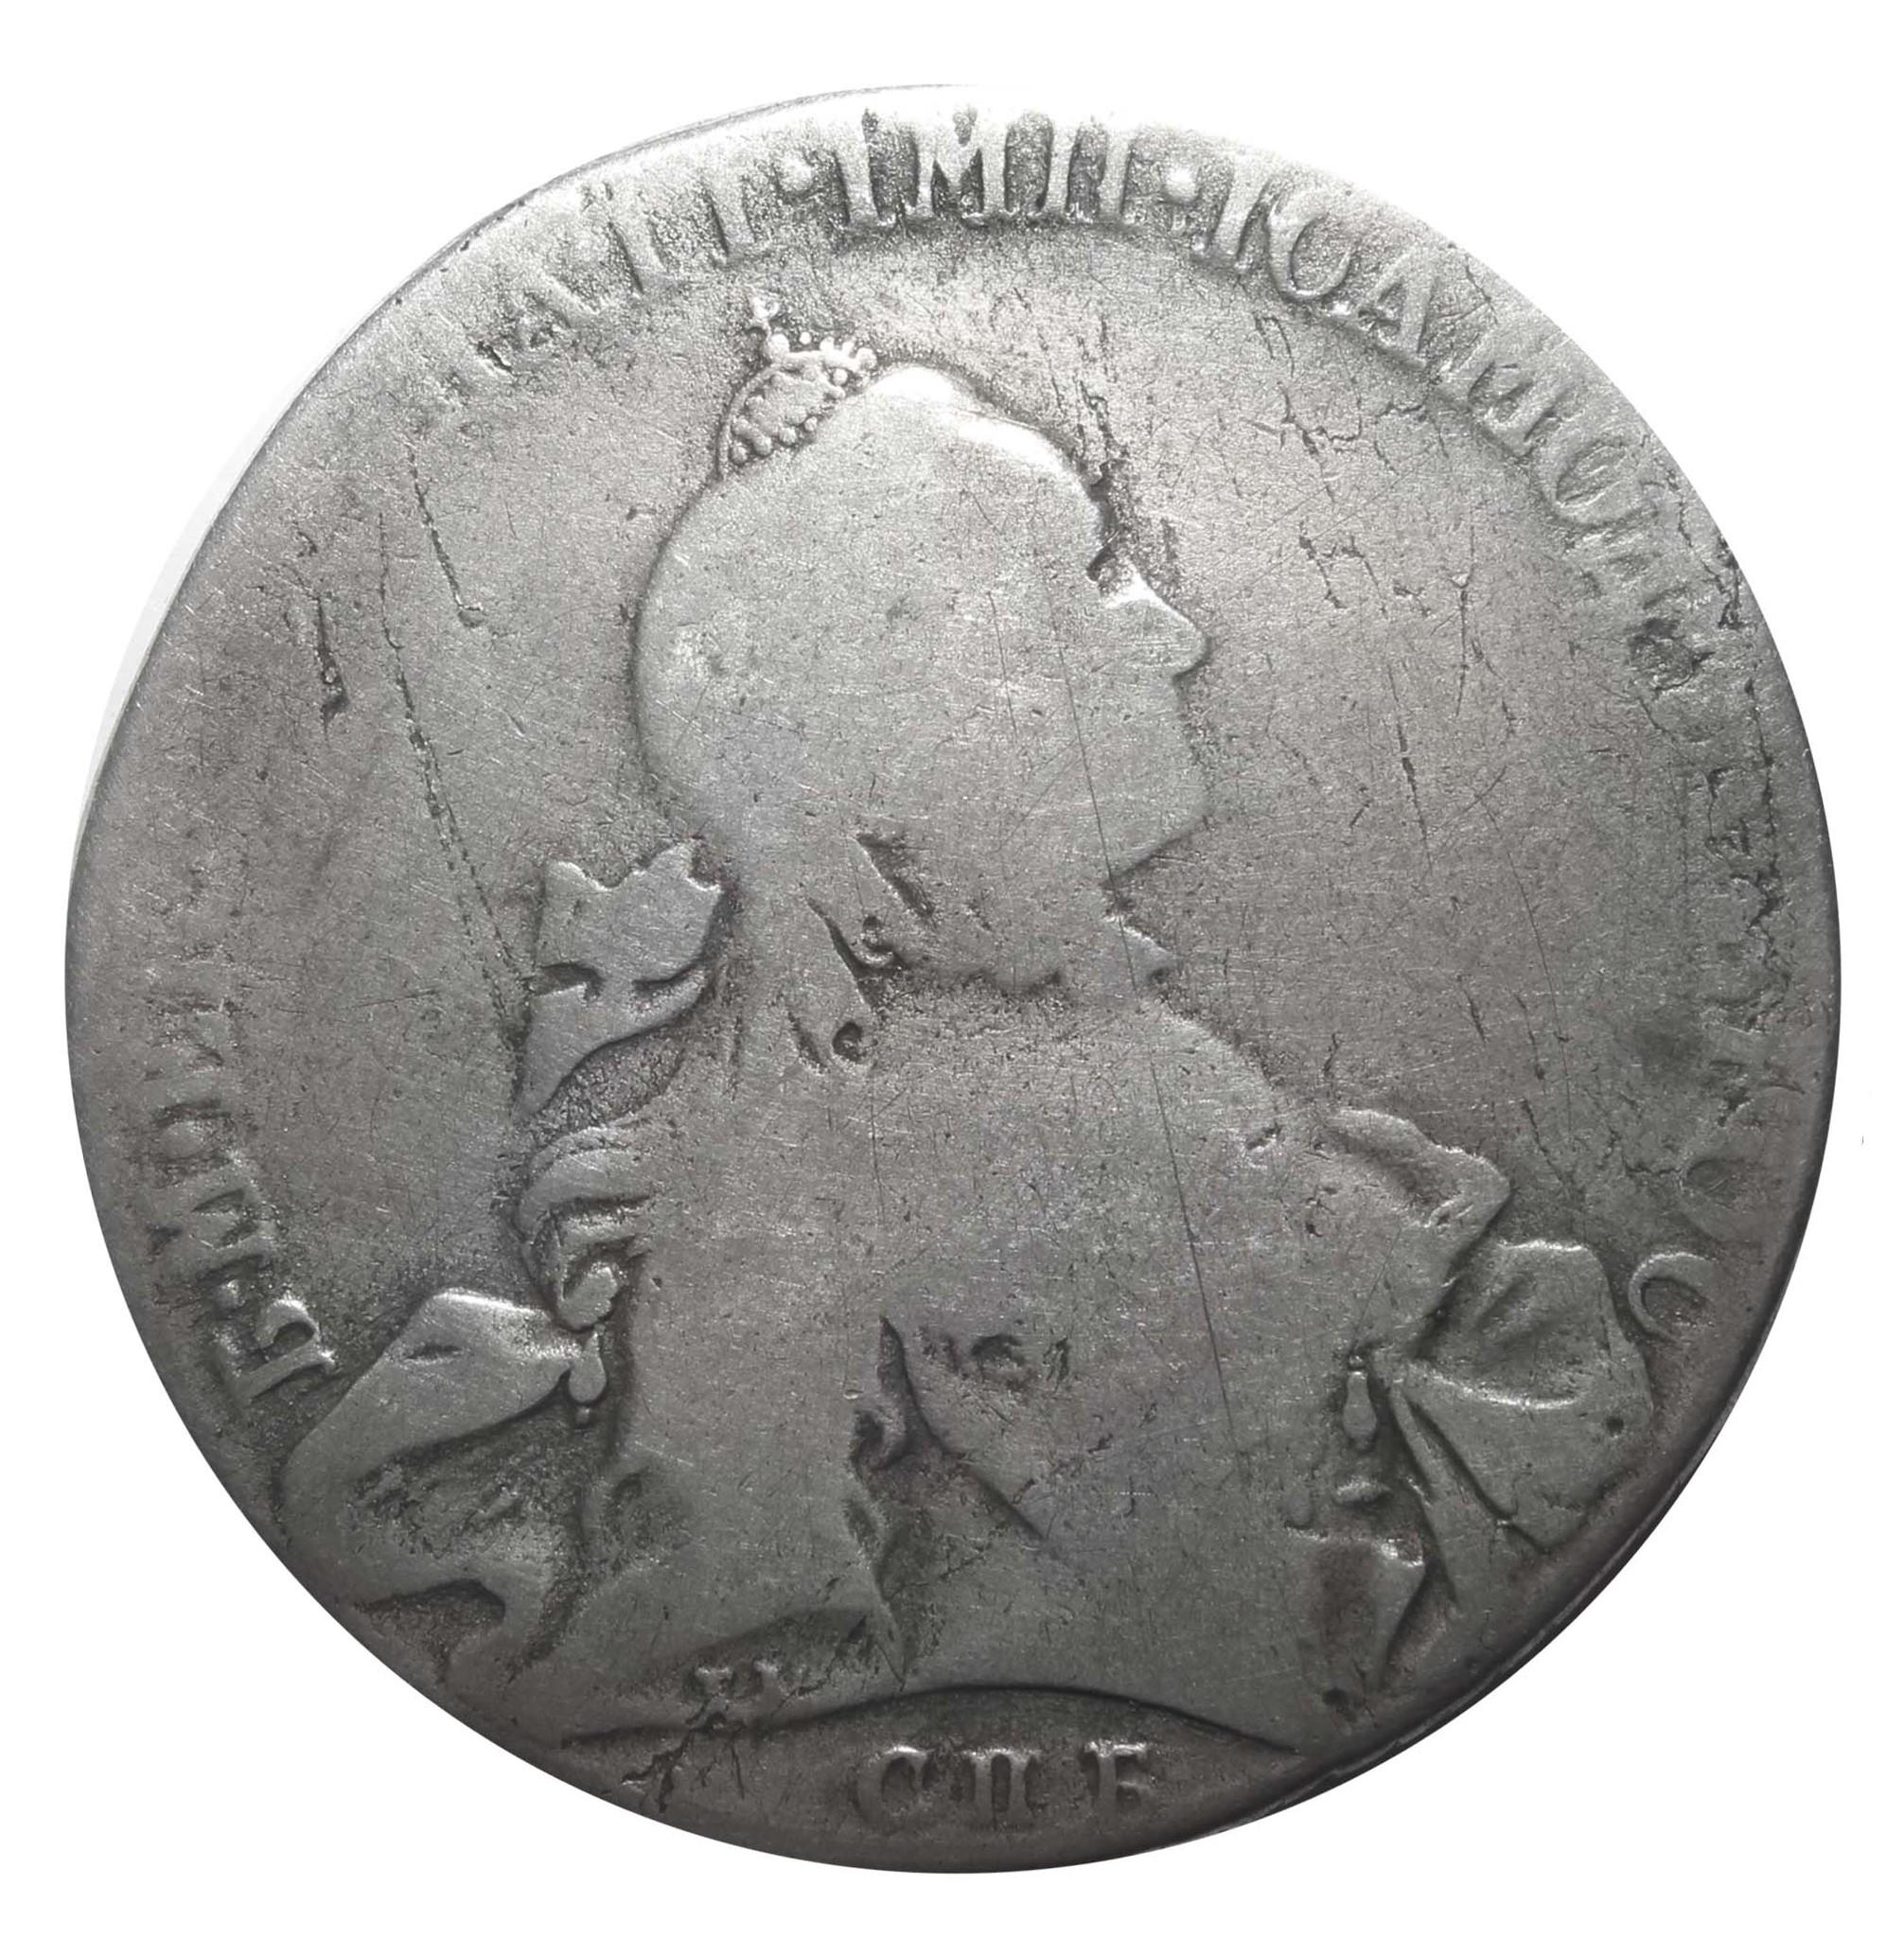 1 рубль. Екатерина II CПБ-ЯI. 176(?) год. G